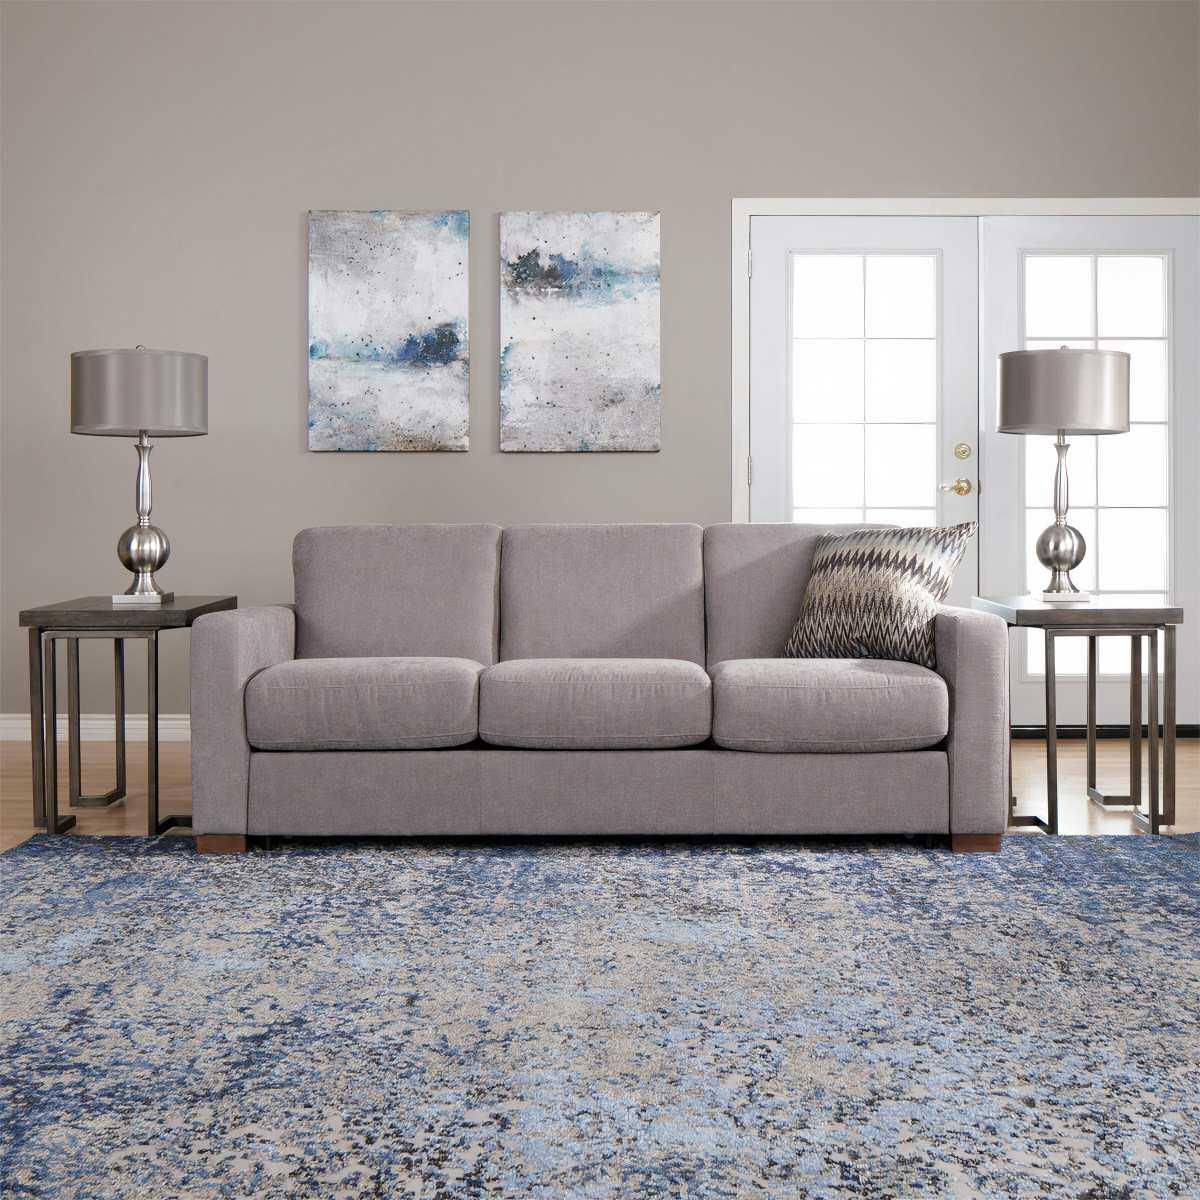 Amalfi Sleeper Sofa Light Grey Sleeper Sofa With Queen Mattress